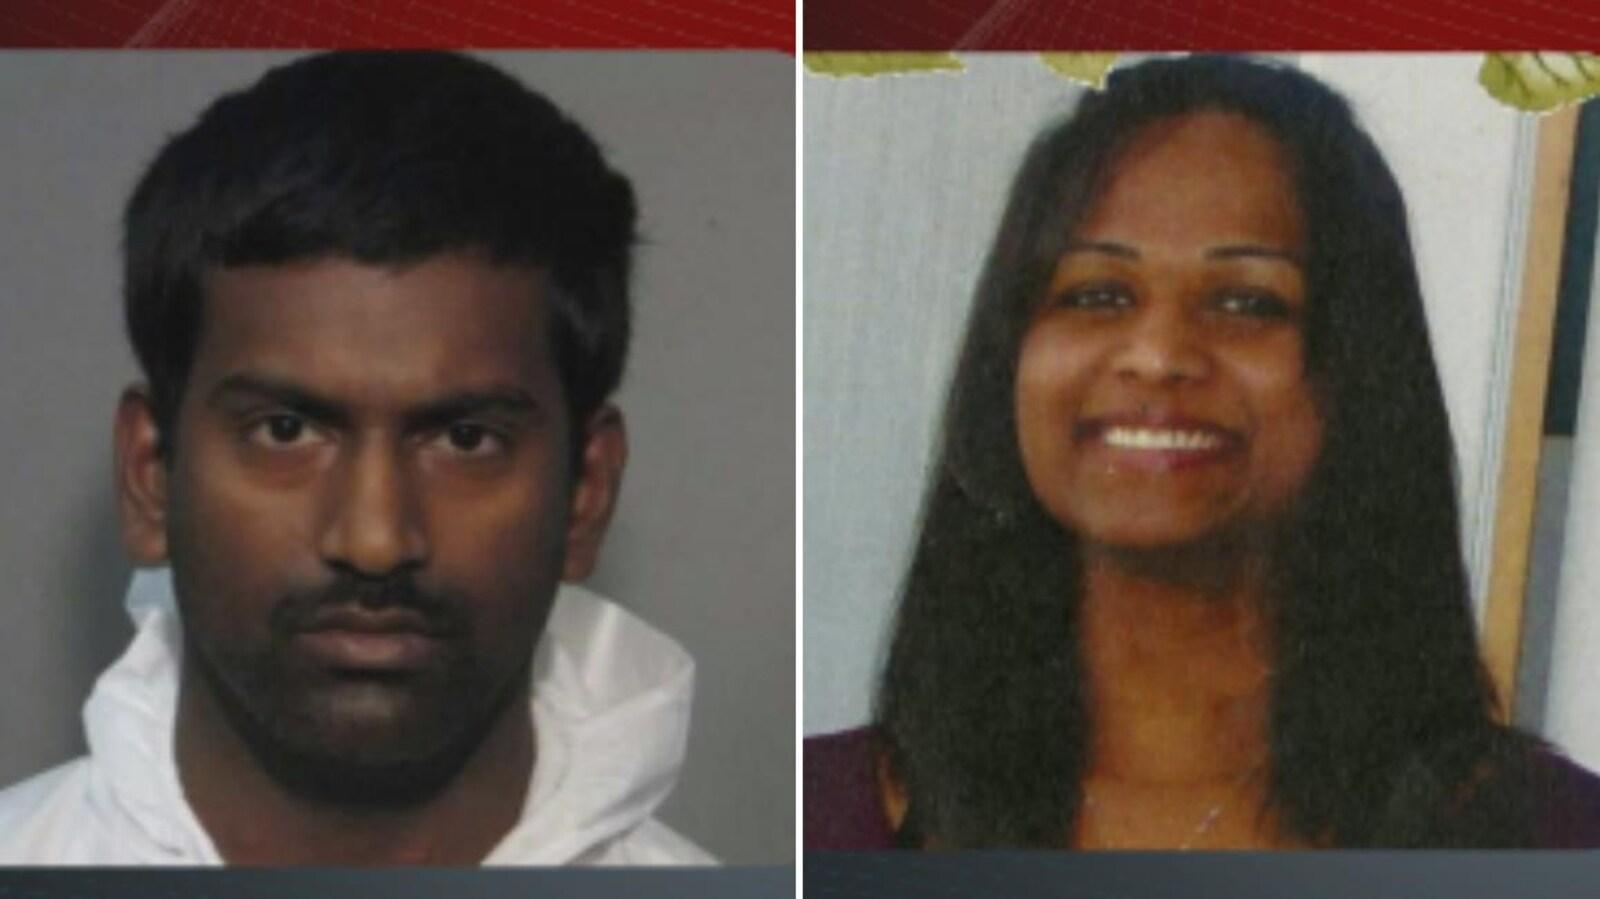 Sivaloganathan Thanabalasingam et sa présumée victime Anuja Baskaran. Photos : La Presse